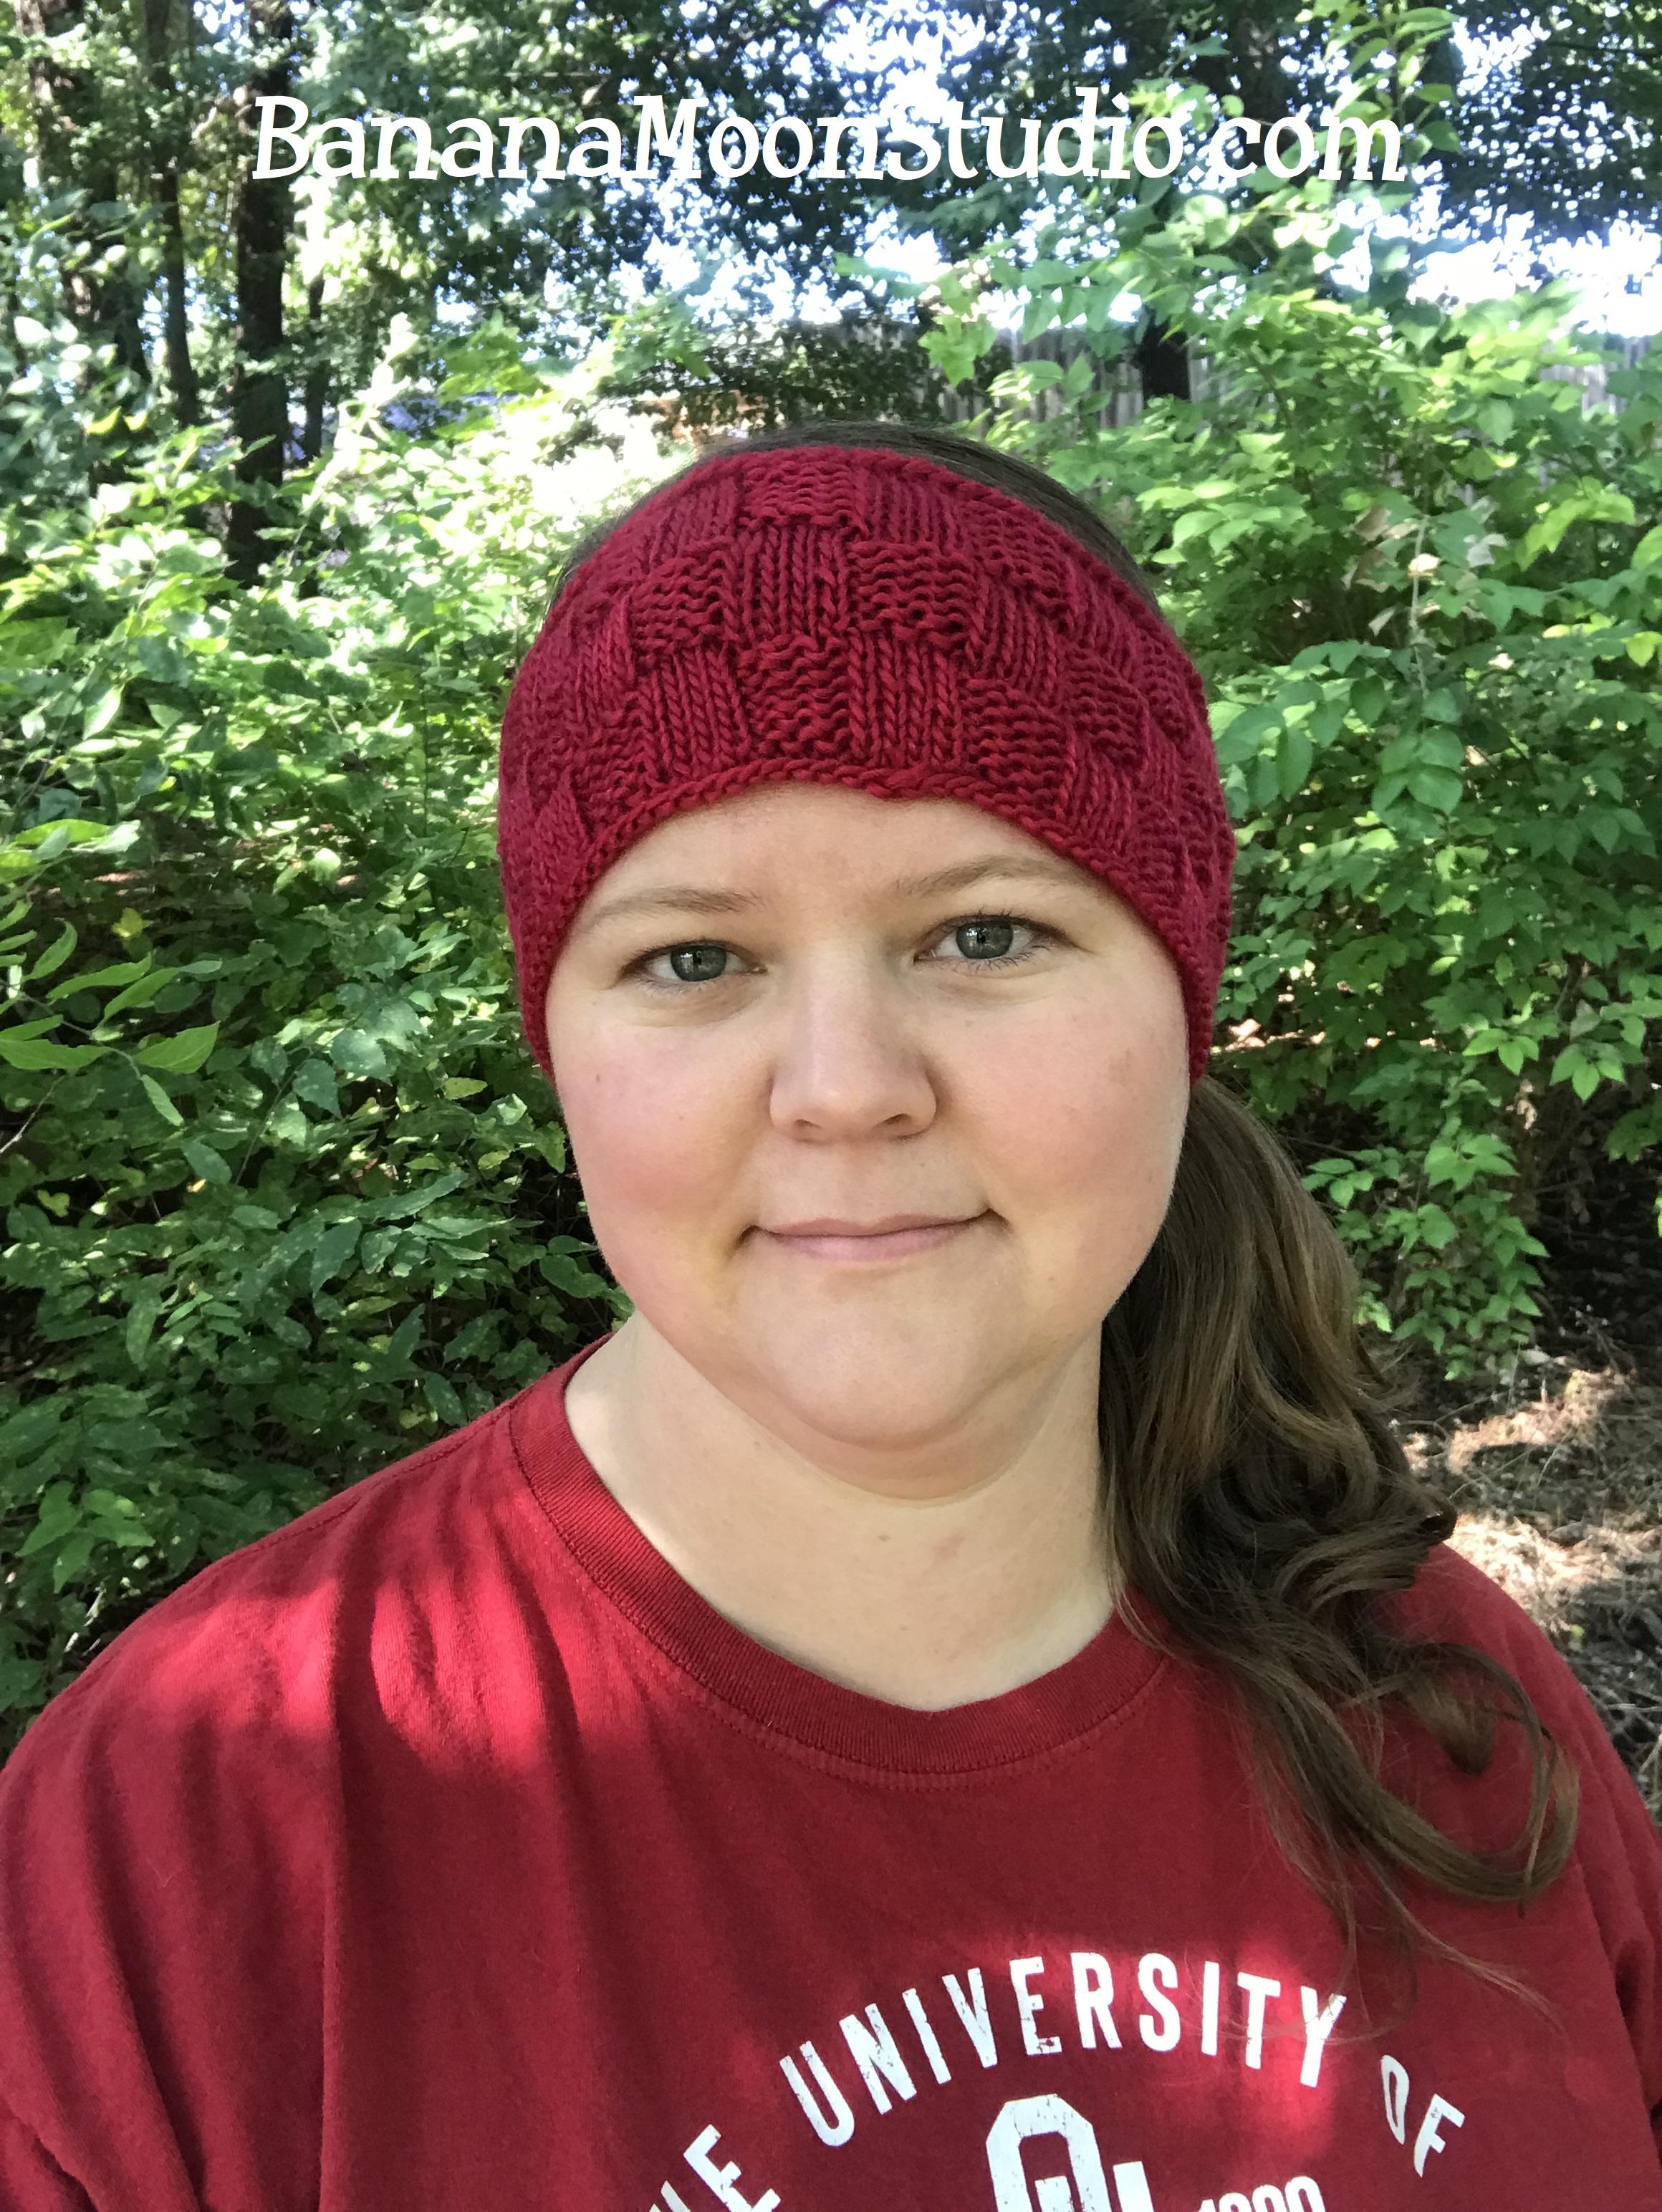 Yukon Headband, a free knitting pattern for fall and football season, from Banana Moon Studio